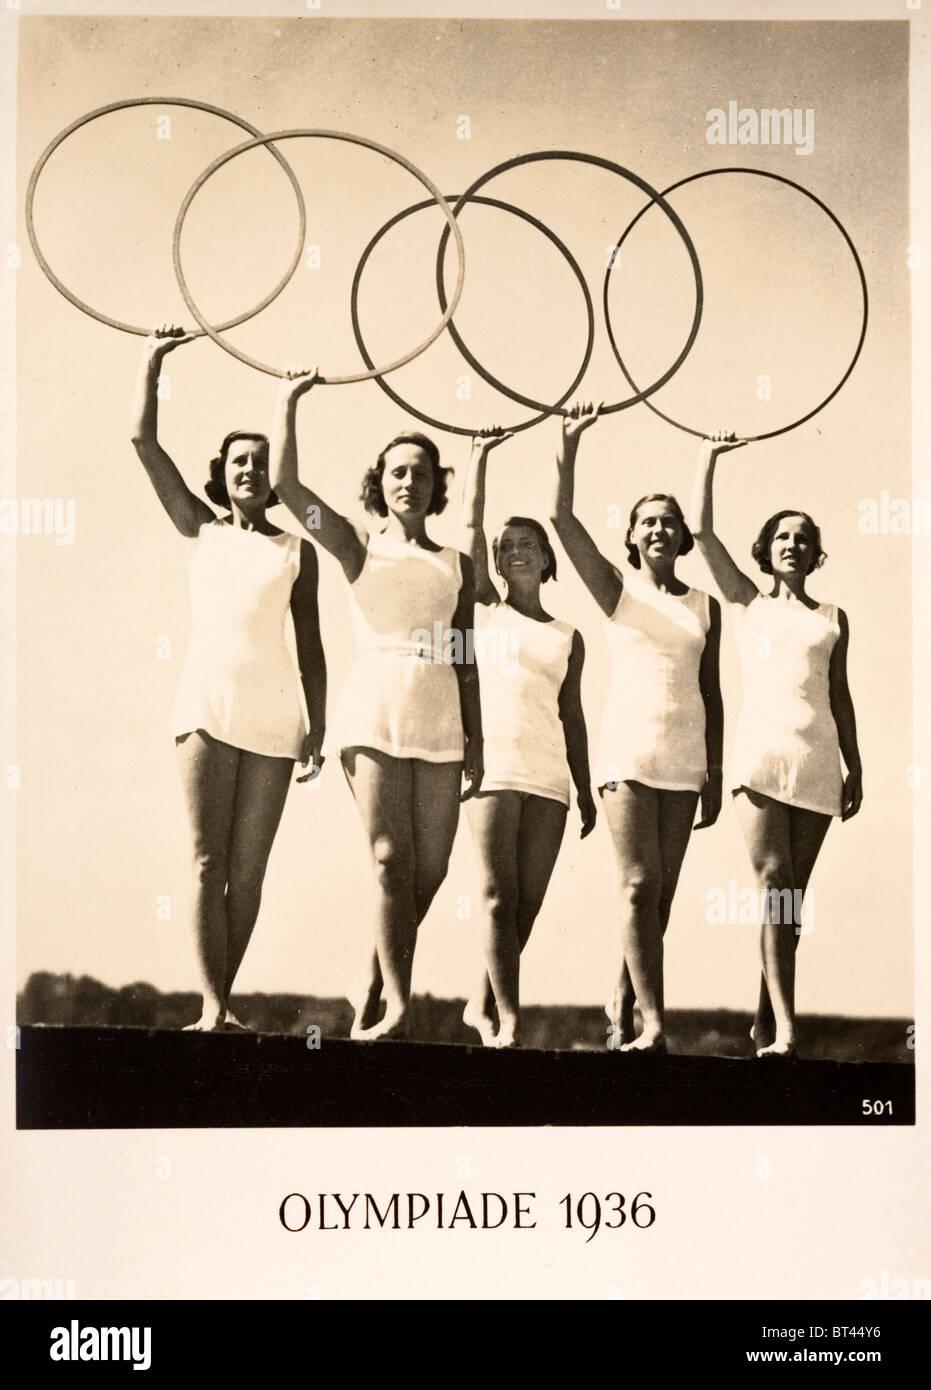 Olympiade 1936. Werbung-Postkarte für die Olympischen Spiele 1936 in Berlin. Fünf Frauen halten die fünf Stockbild